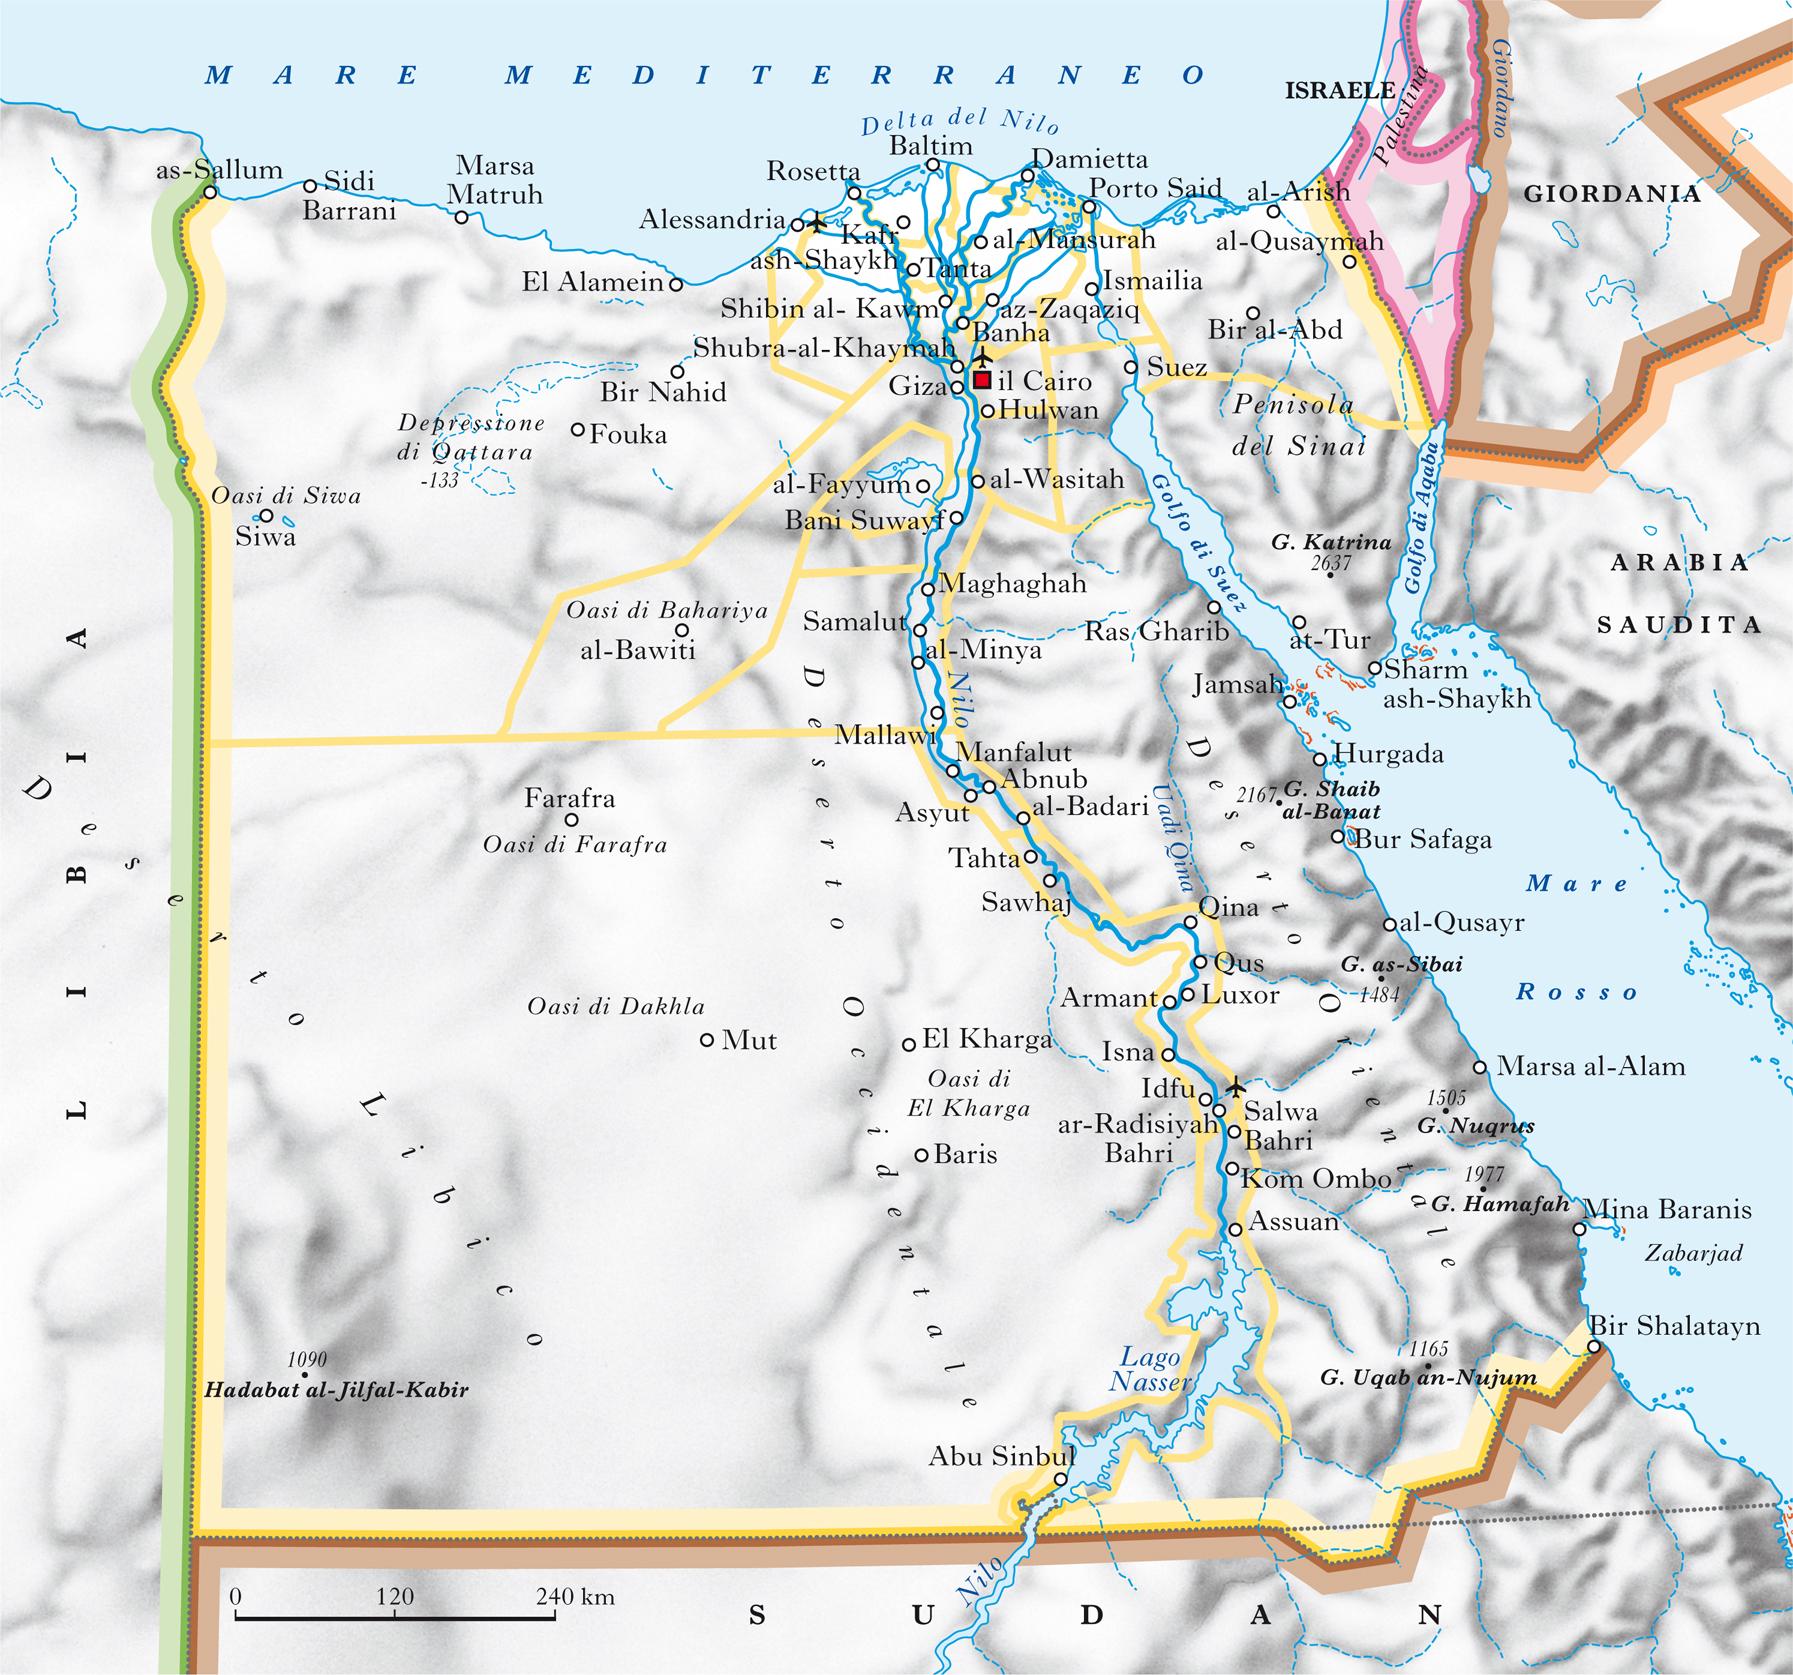 Cartina Geografica Italia Egitto.Egitto In Atlante Geopolitico